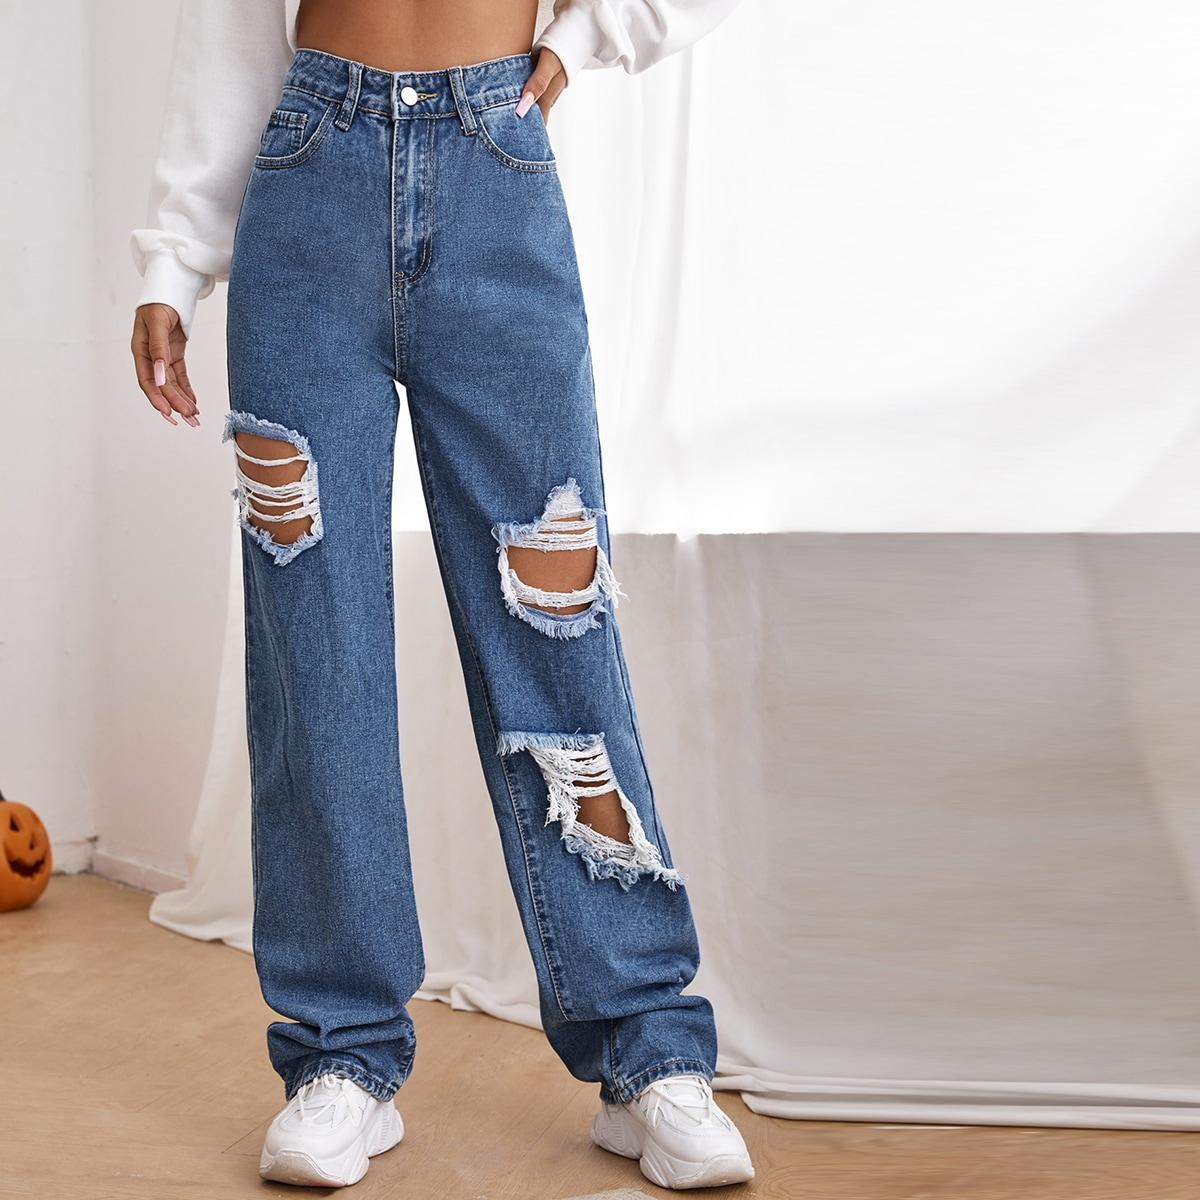 Рваные джинсы застежка